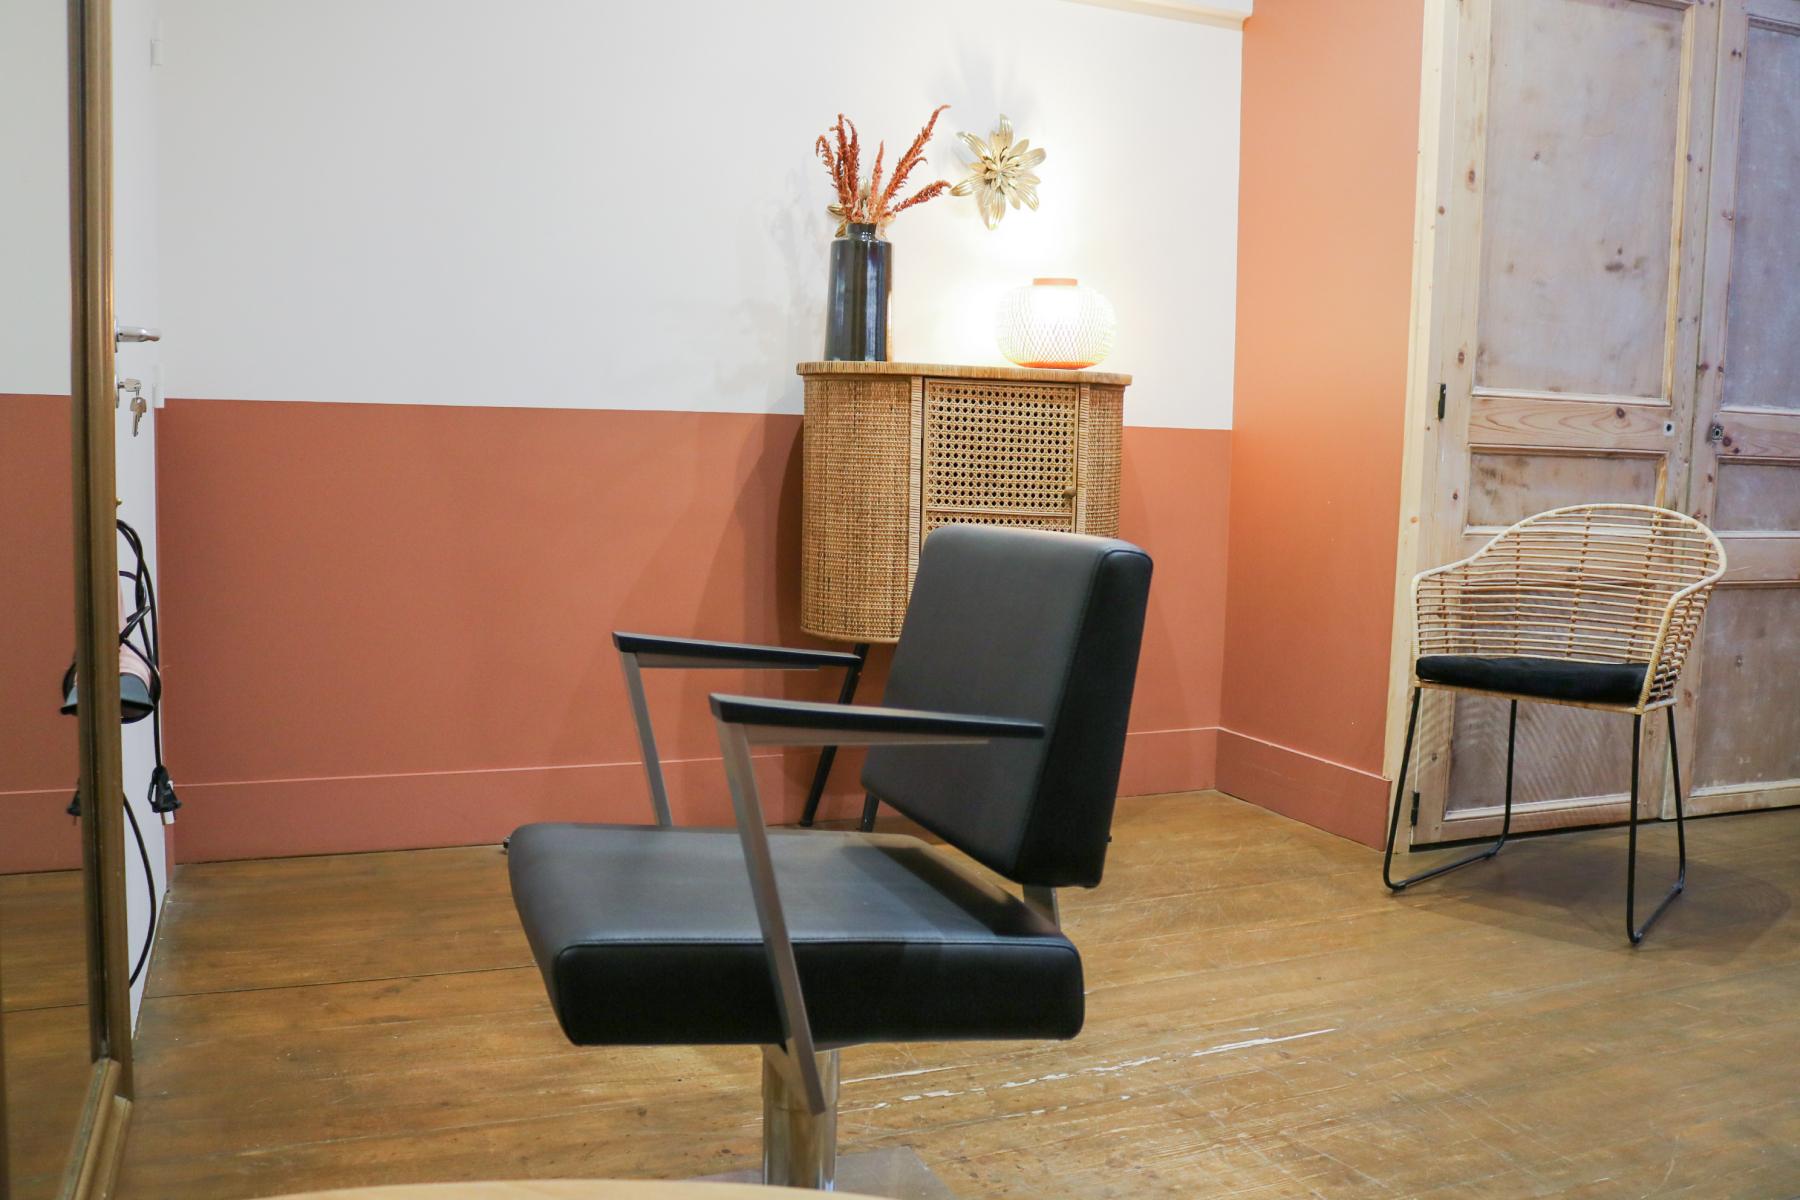 Les beaux baumes salon coiffure Nantes Graslin